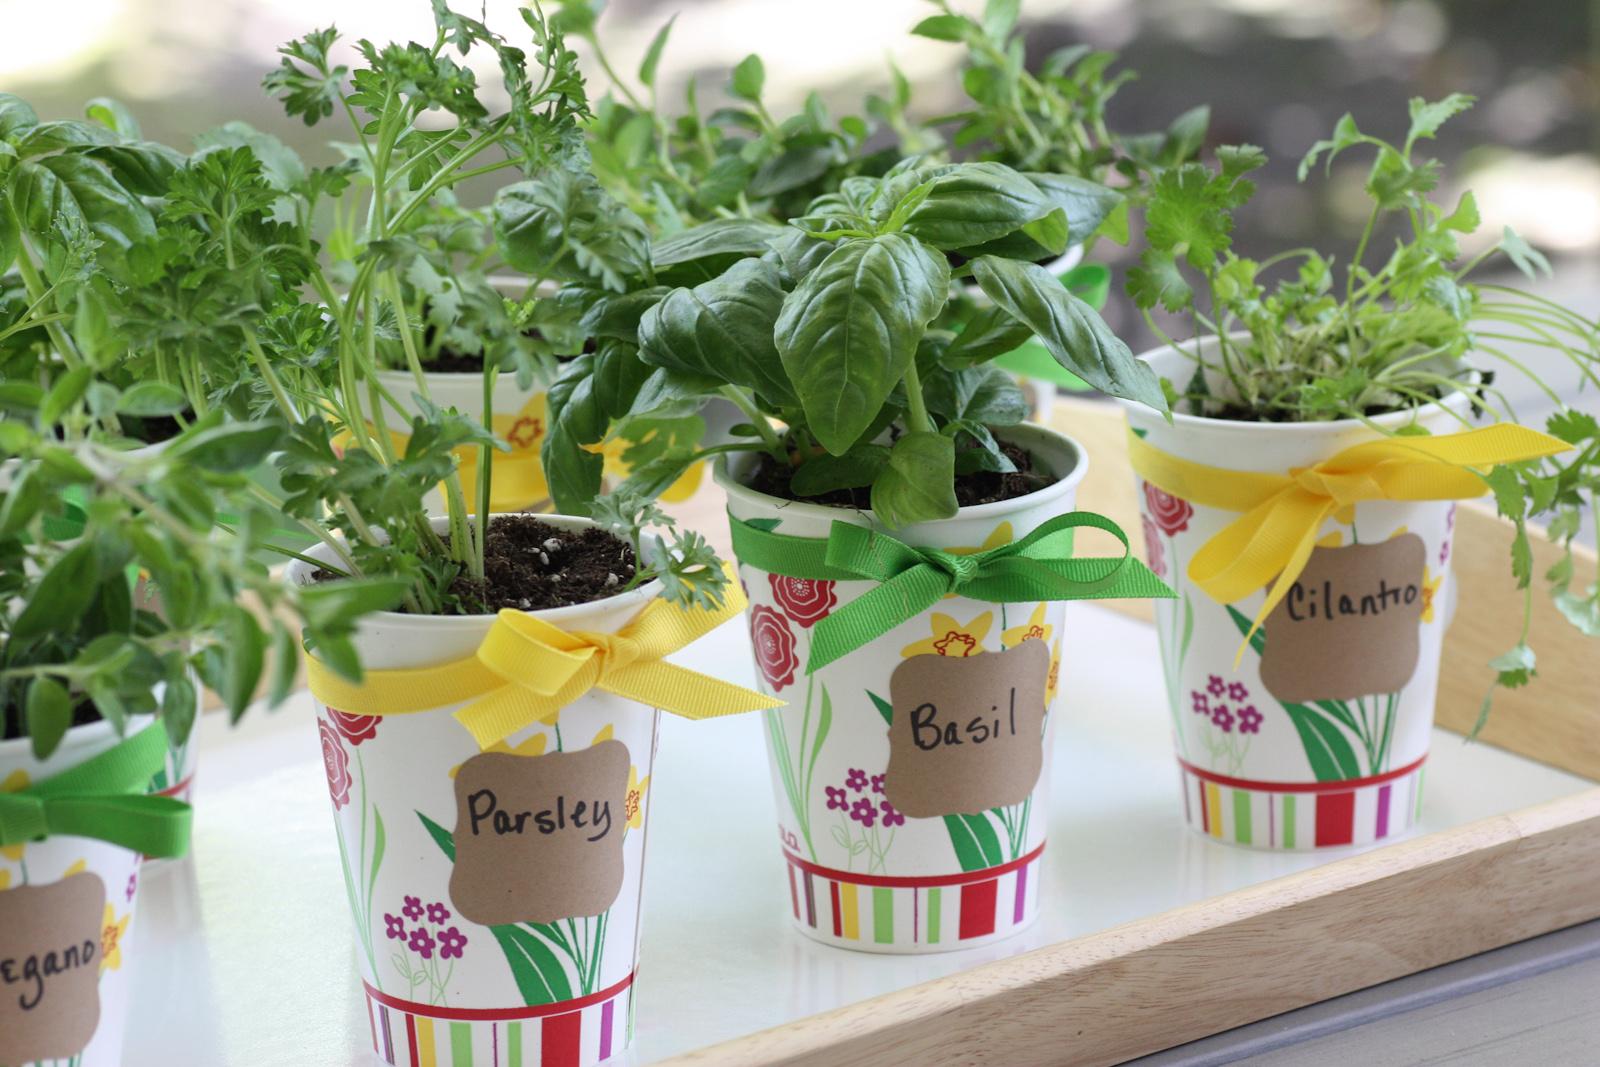 Fullsize Of Building An Herb Garden